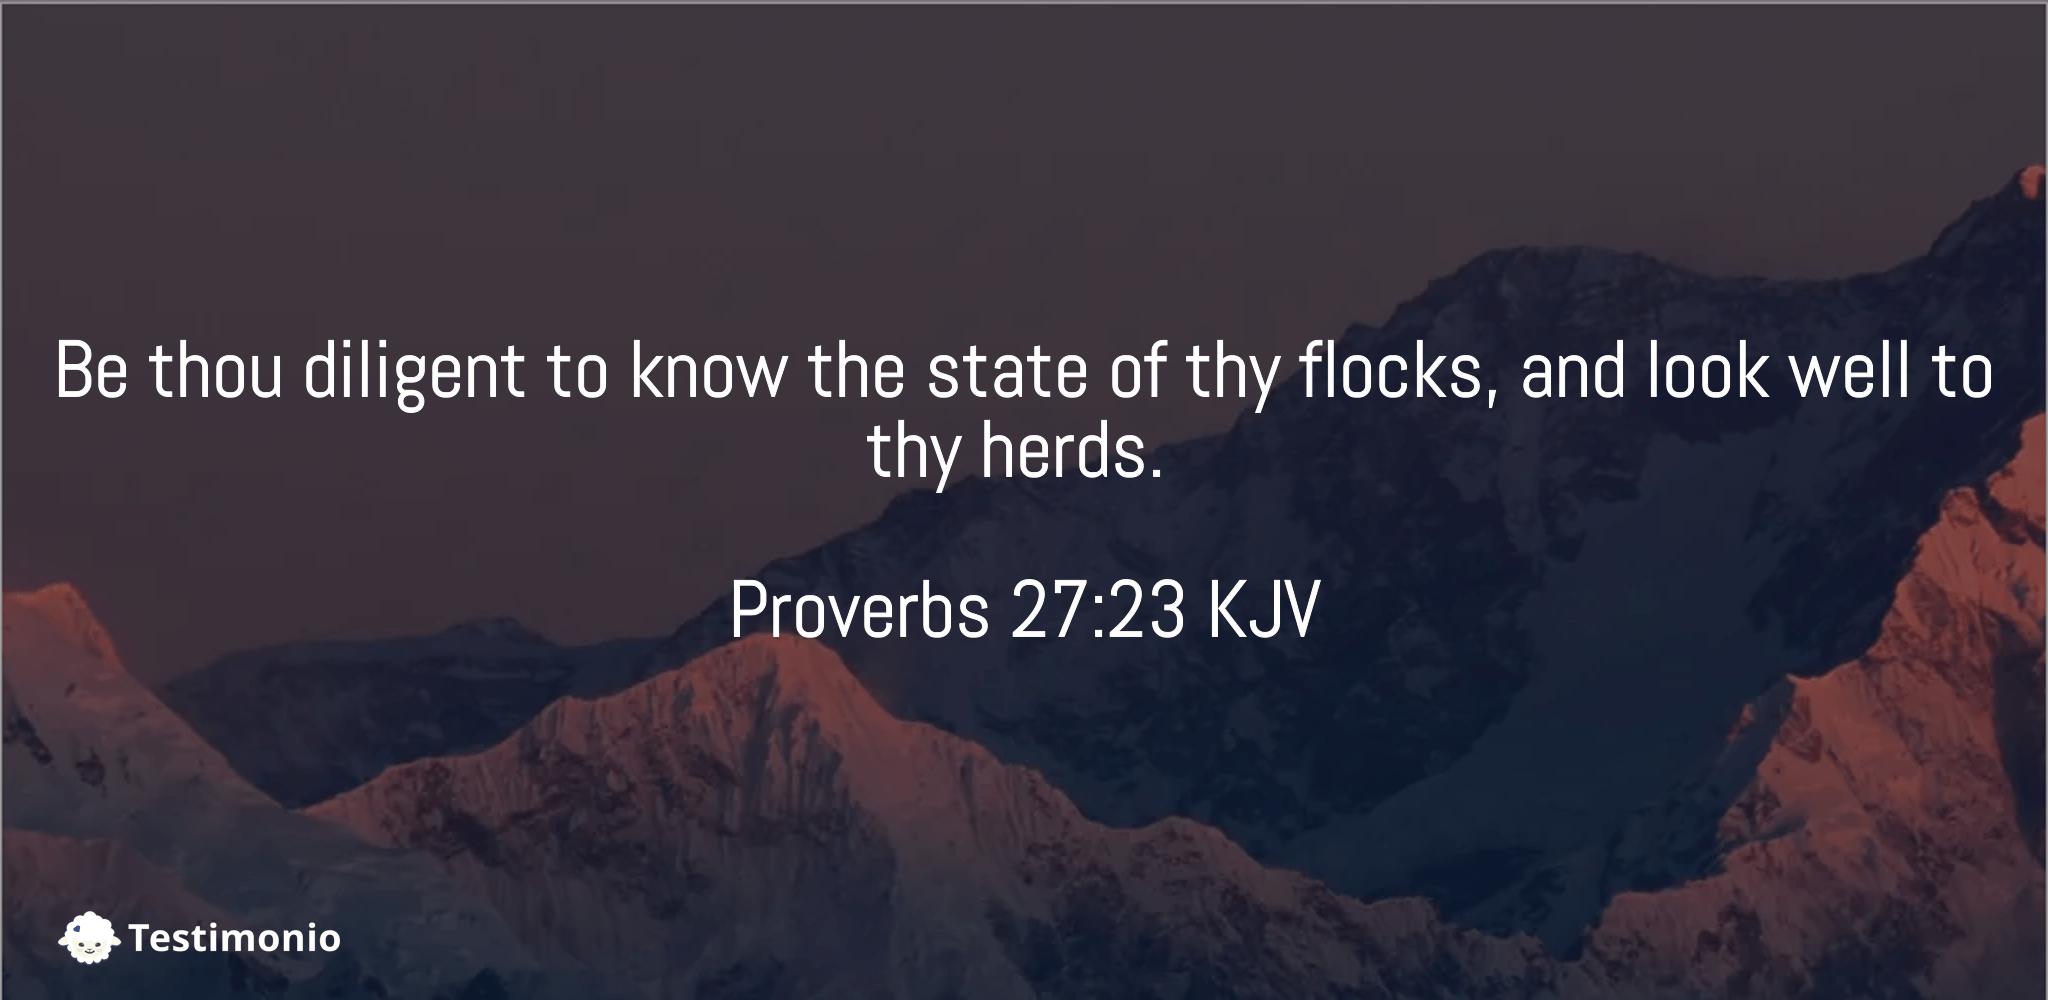 Proverbs 27:23